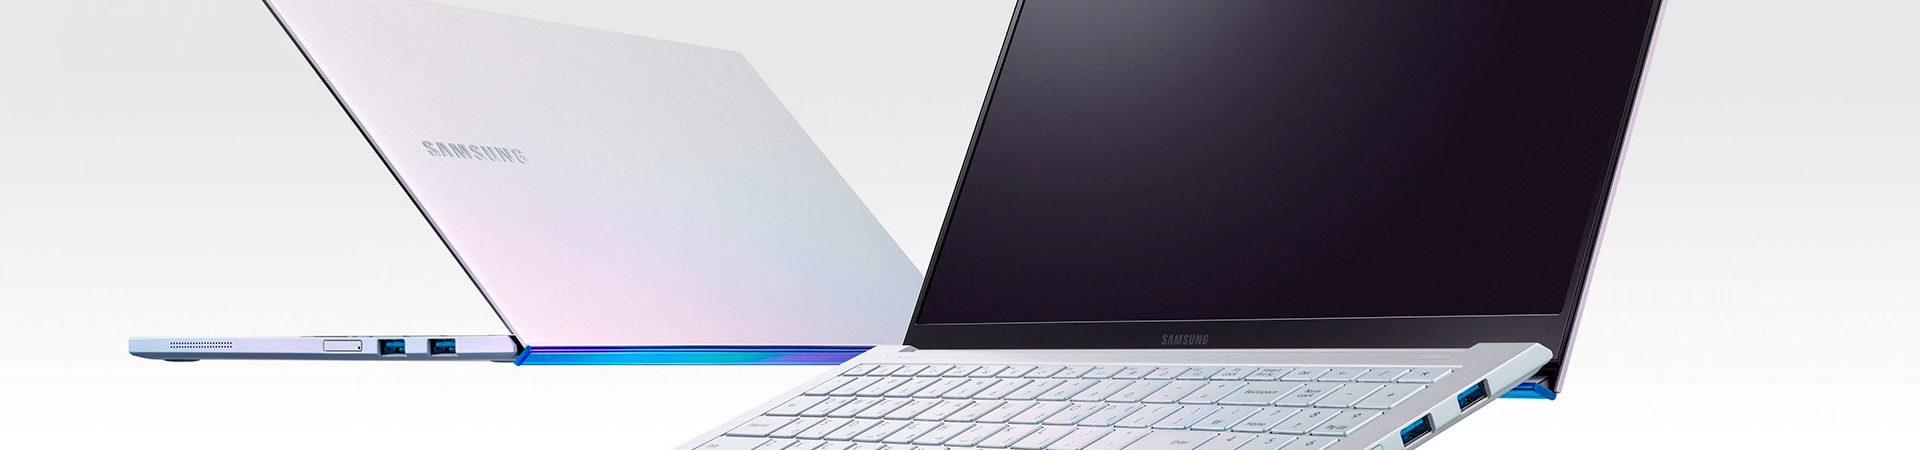 Samsung inicia a produção em massa de telas OLED de 90 Hz para notebooks. Imagem: Samsung/divulgação